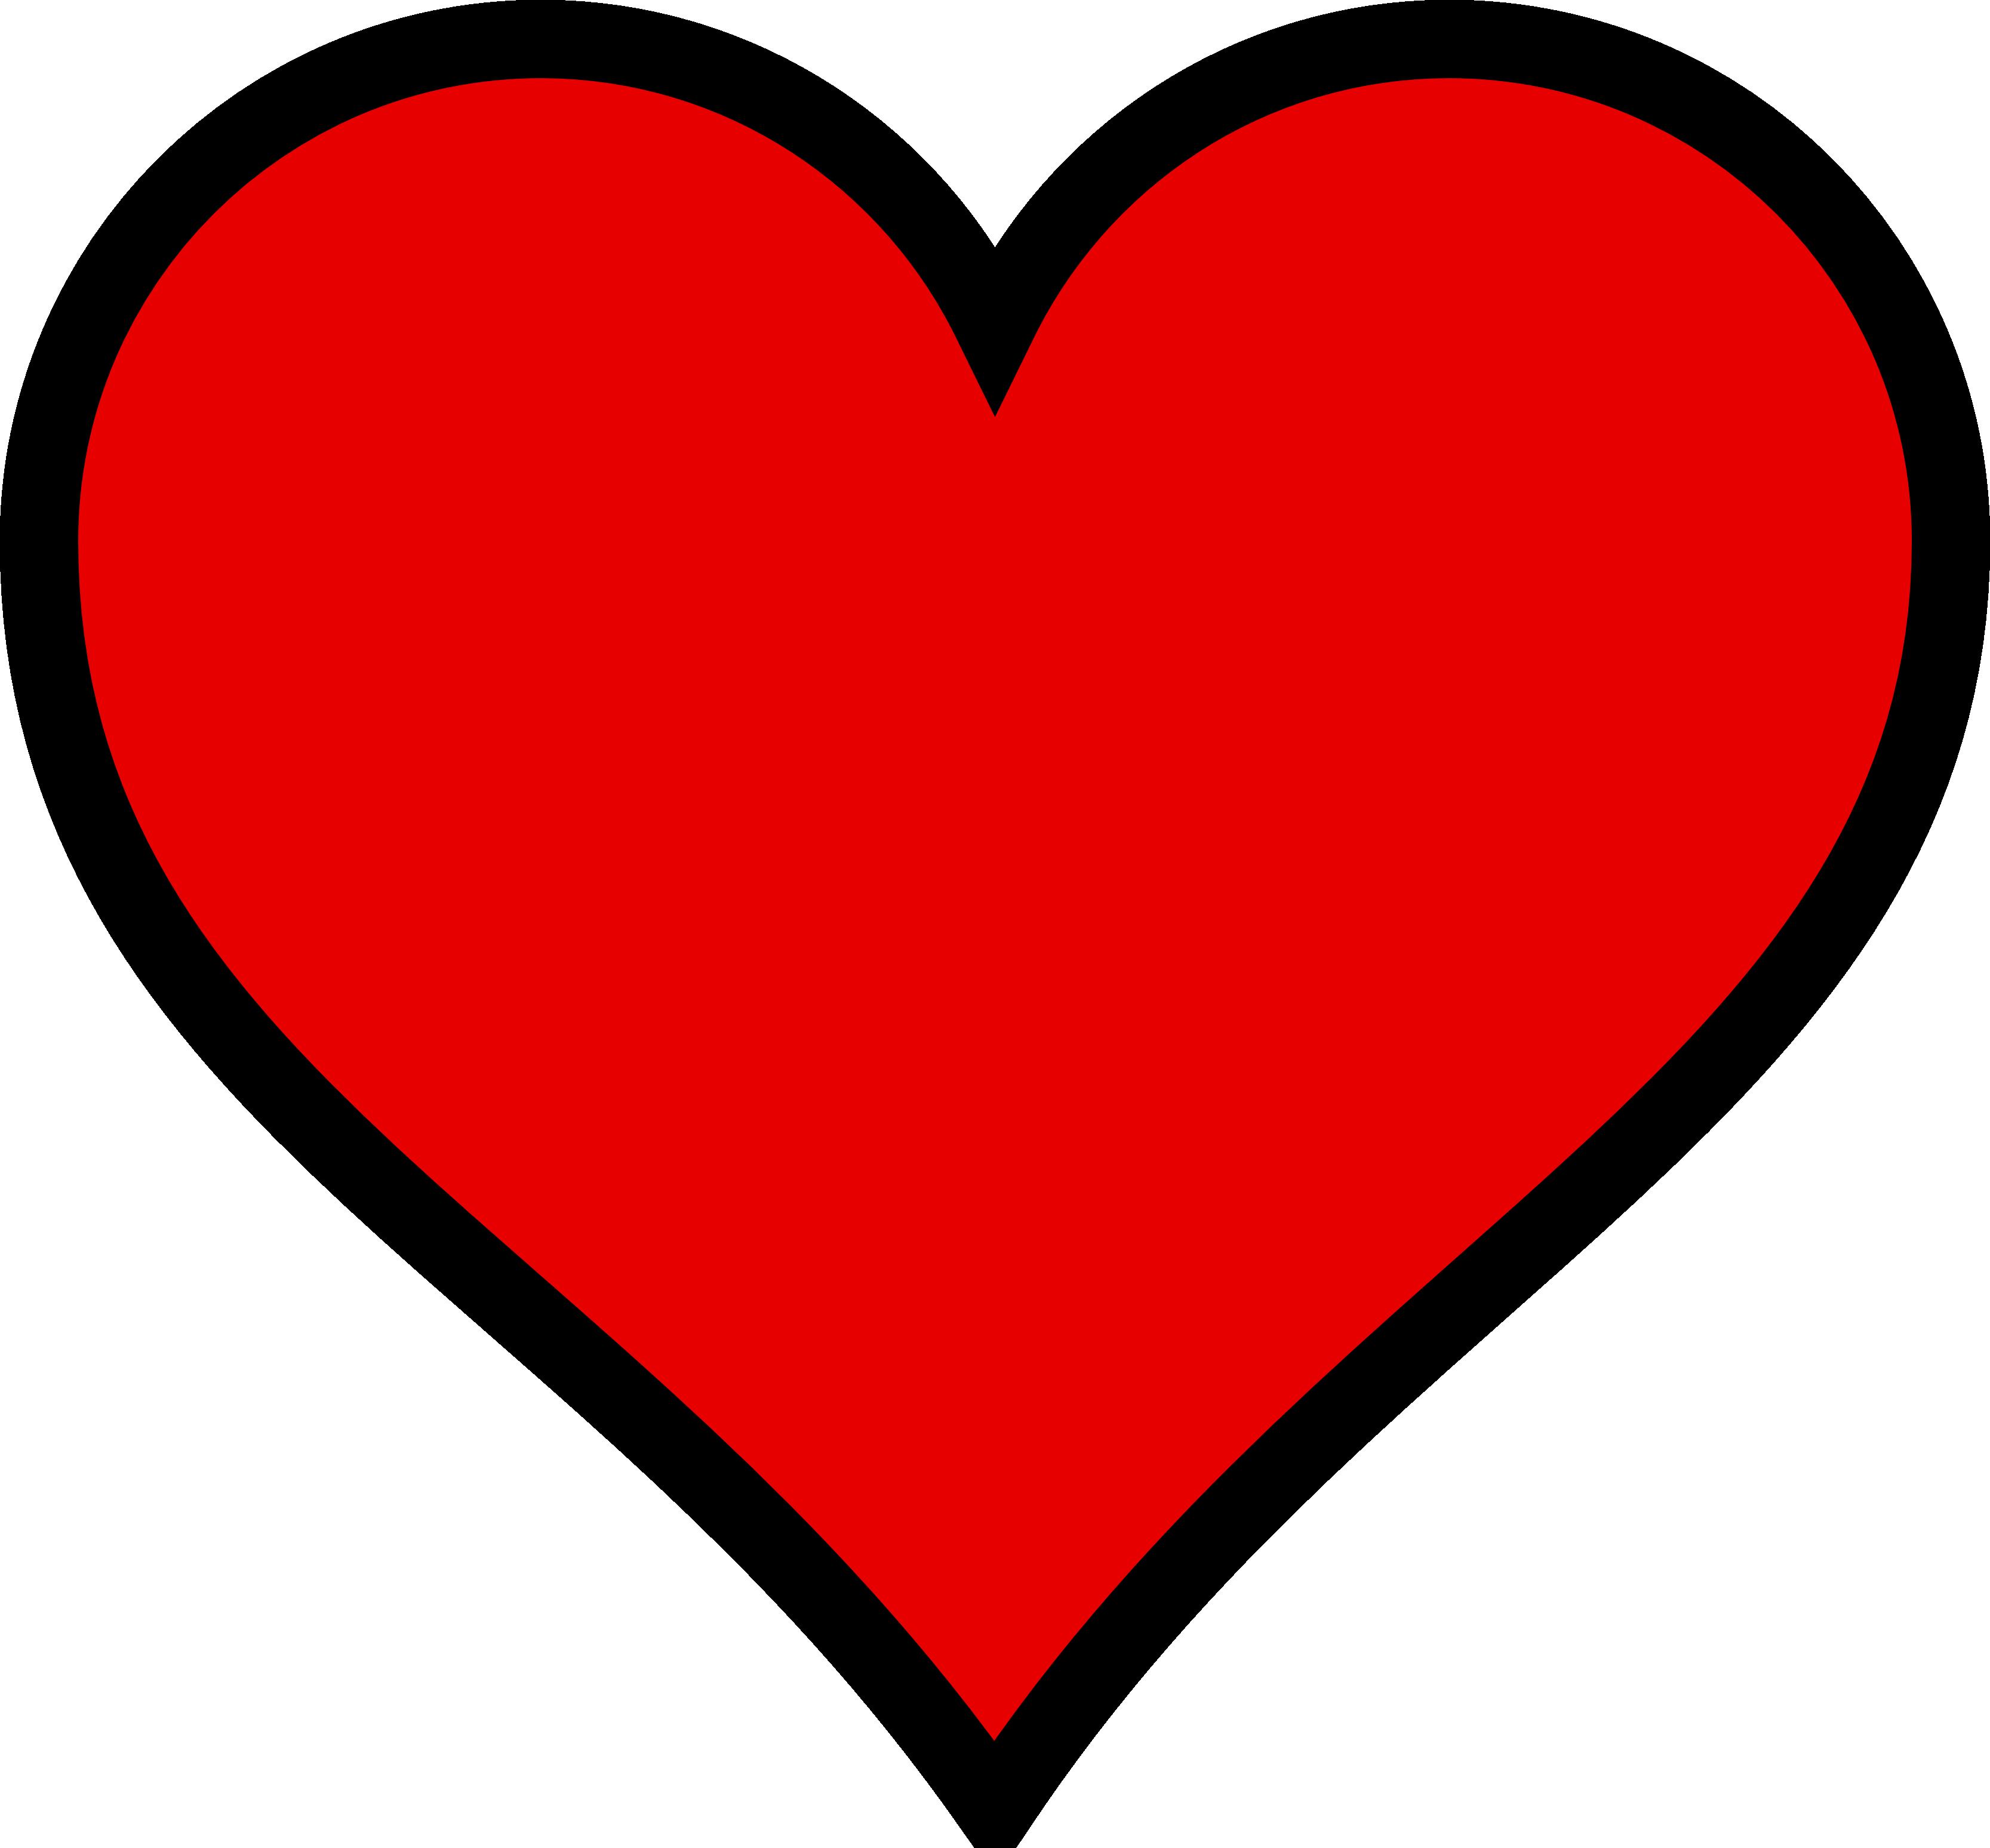 Red Heart Clip Art ClipArt Best - Heart HD PNG